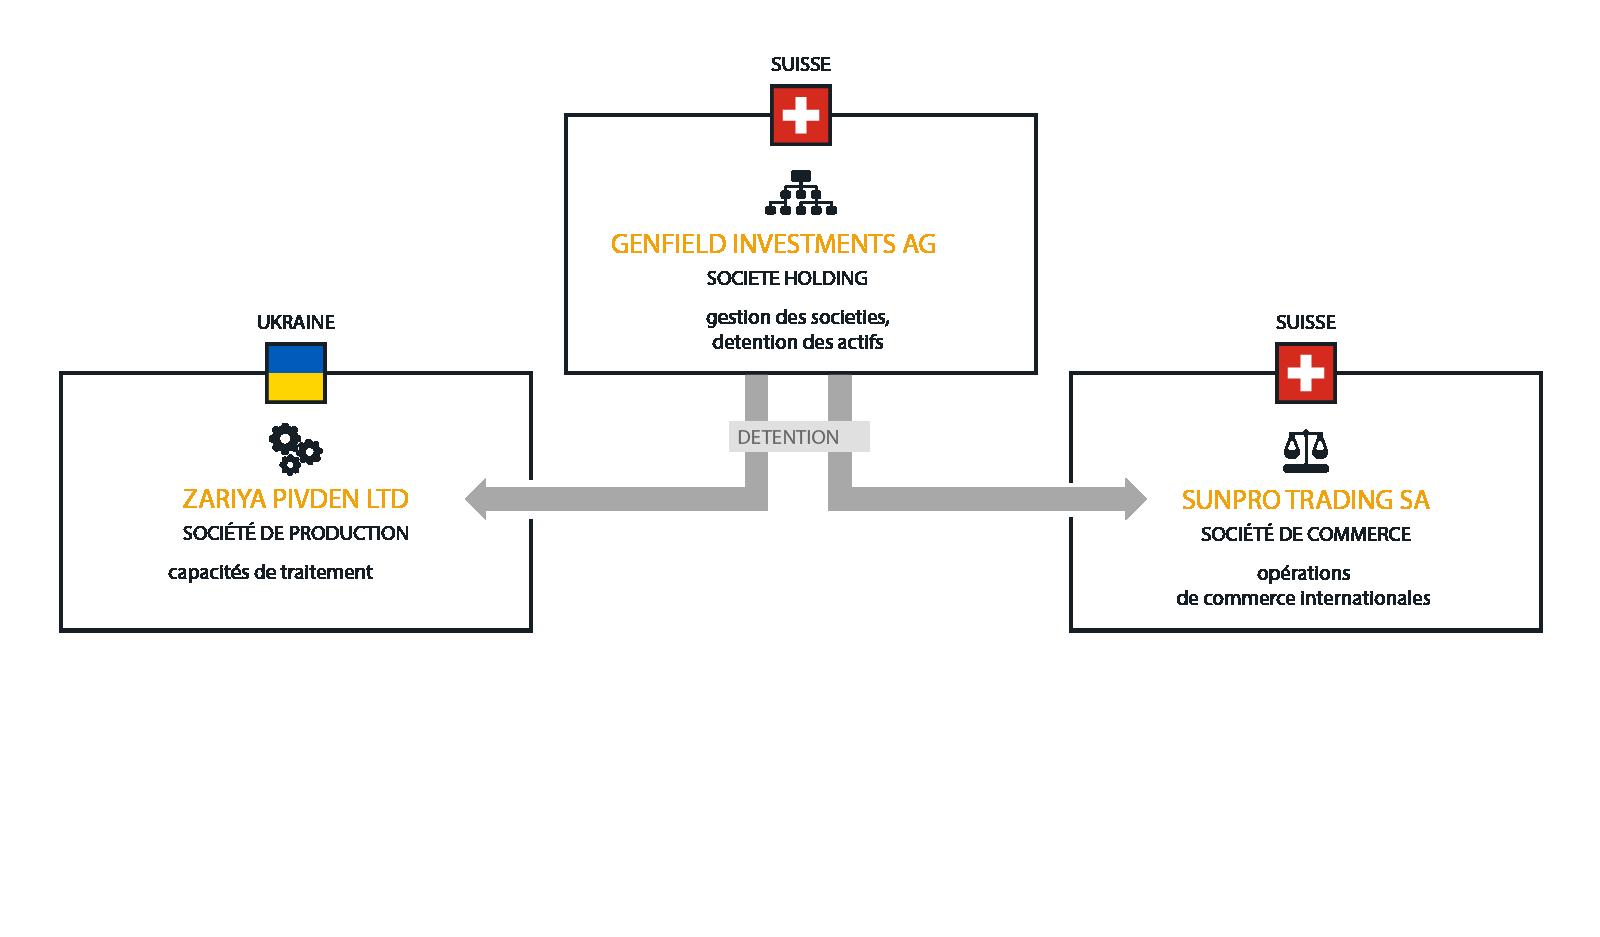 Structure de la Holding